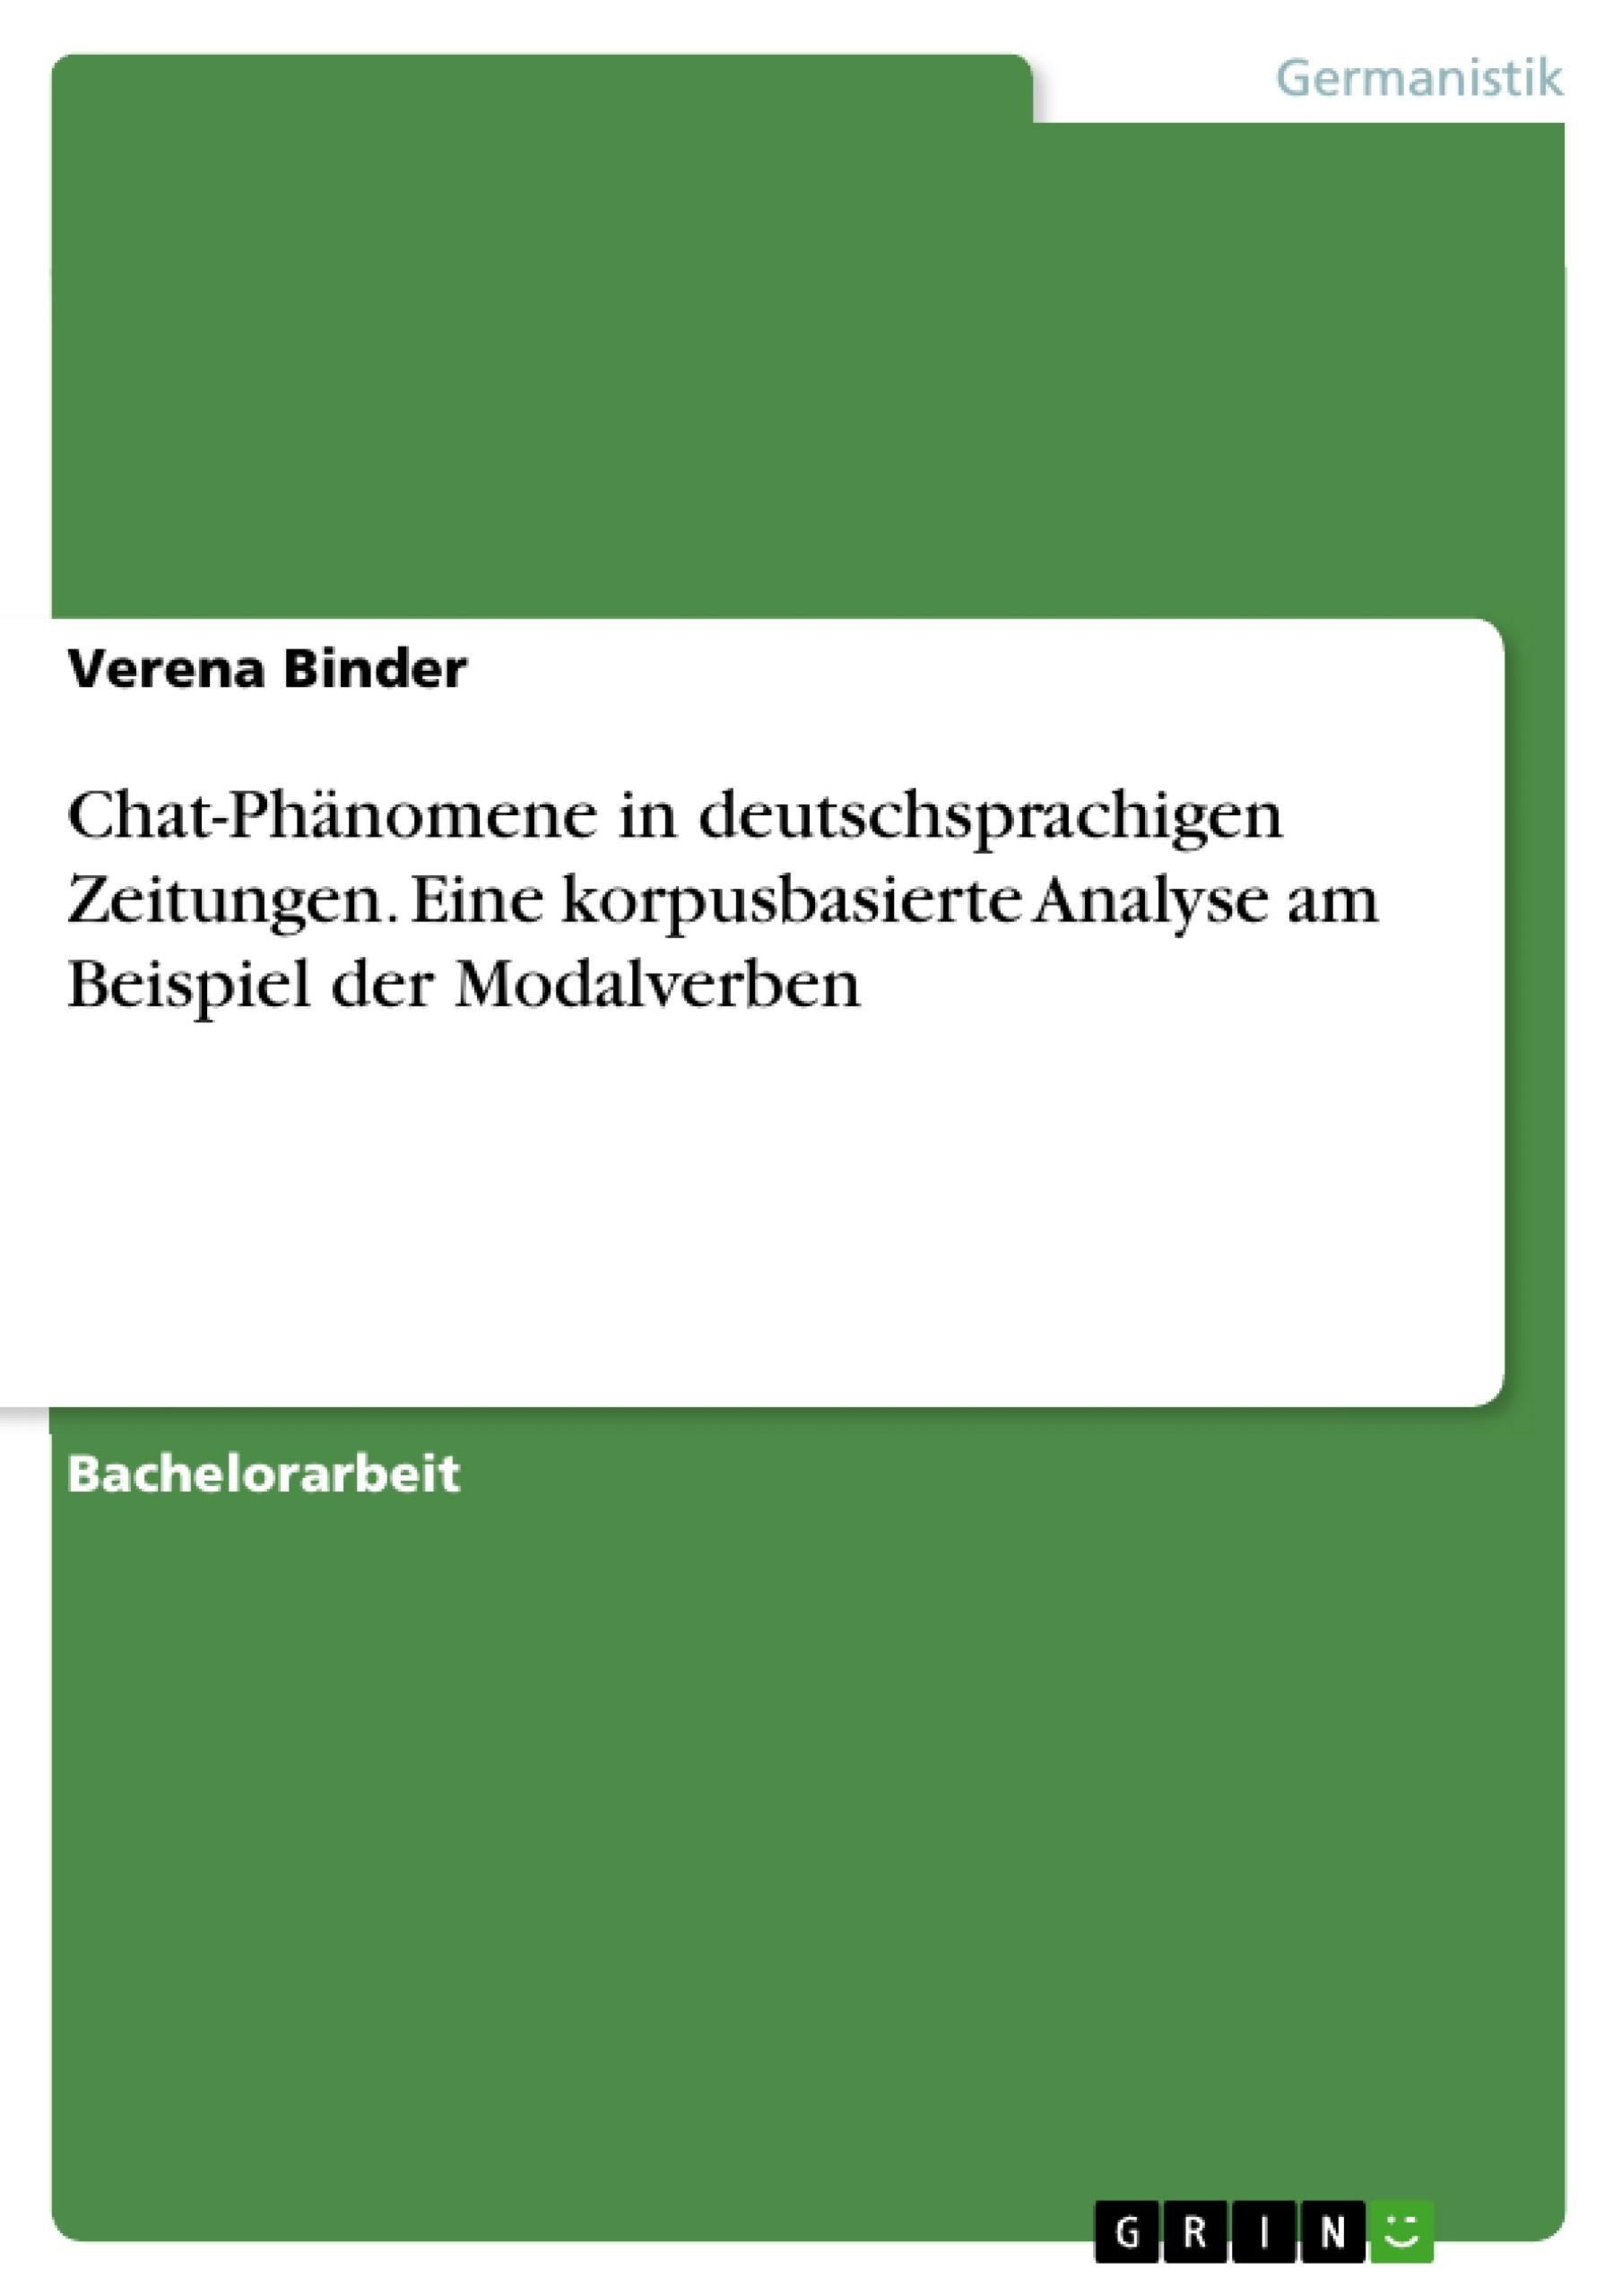 Titel: Chat-Phänomene in deutschsprachigen Zeitungen. Eine korpusbasierte Analyse am Beispiel der Modalverben